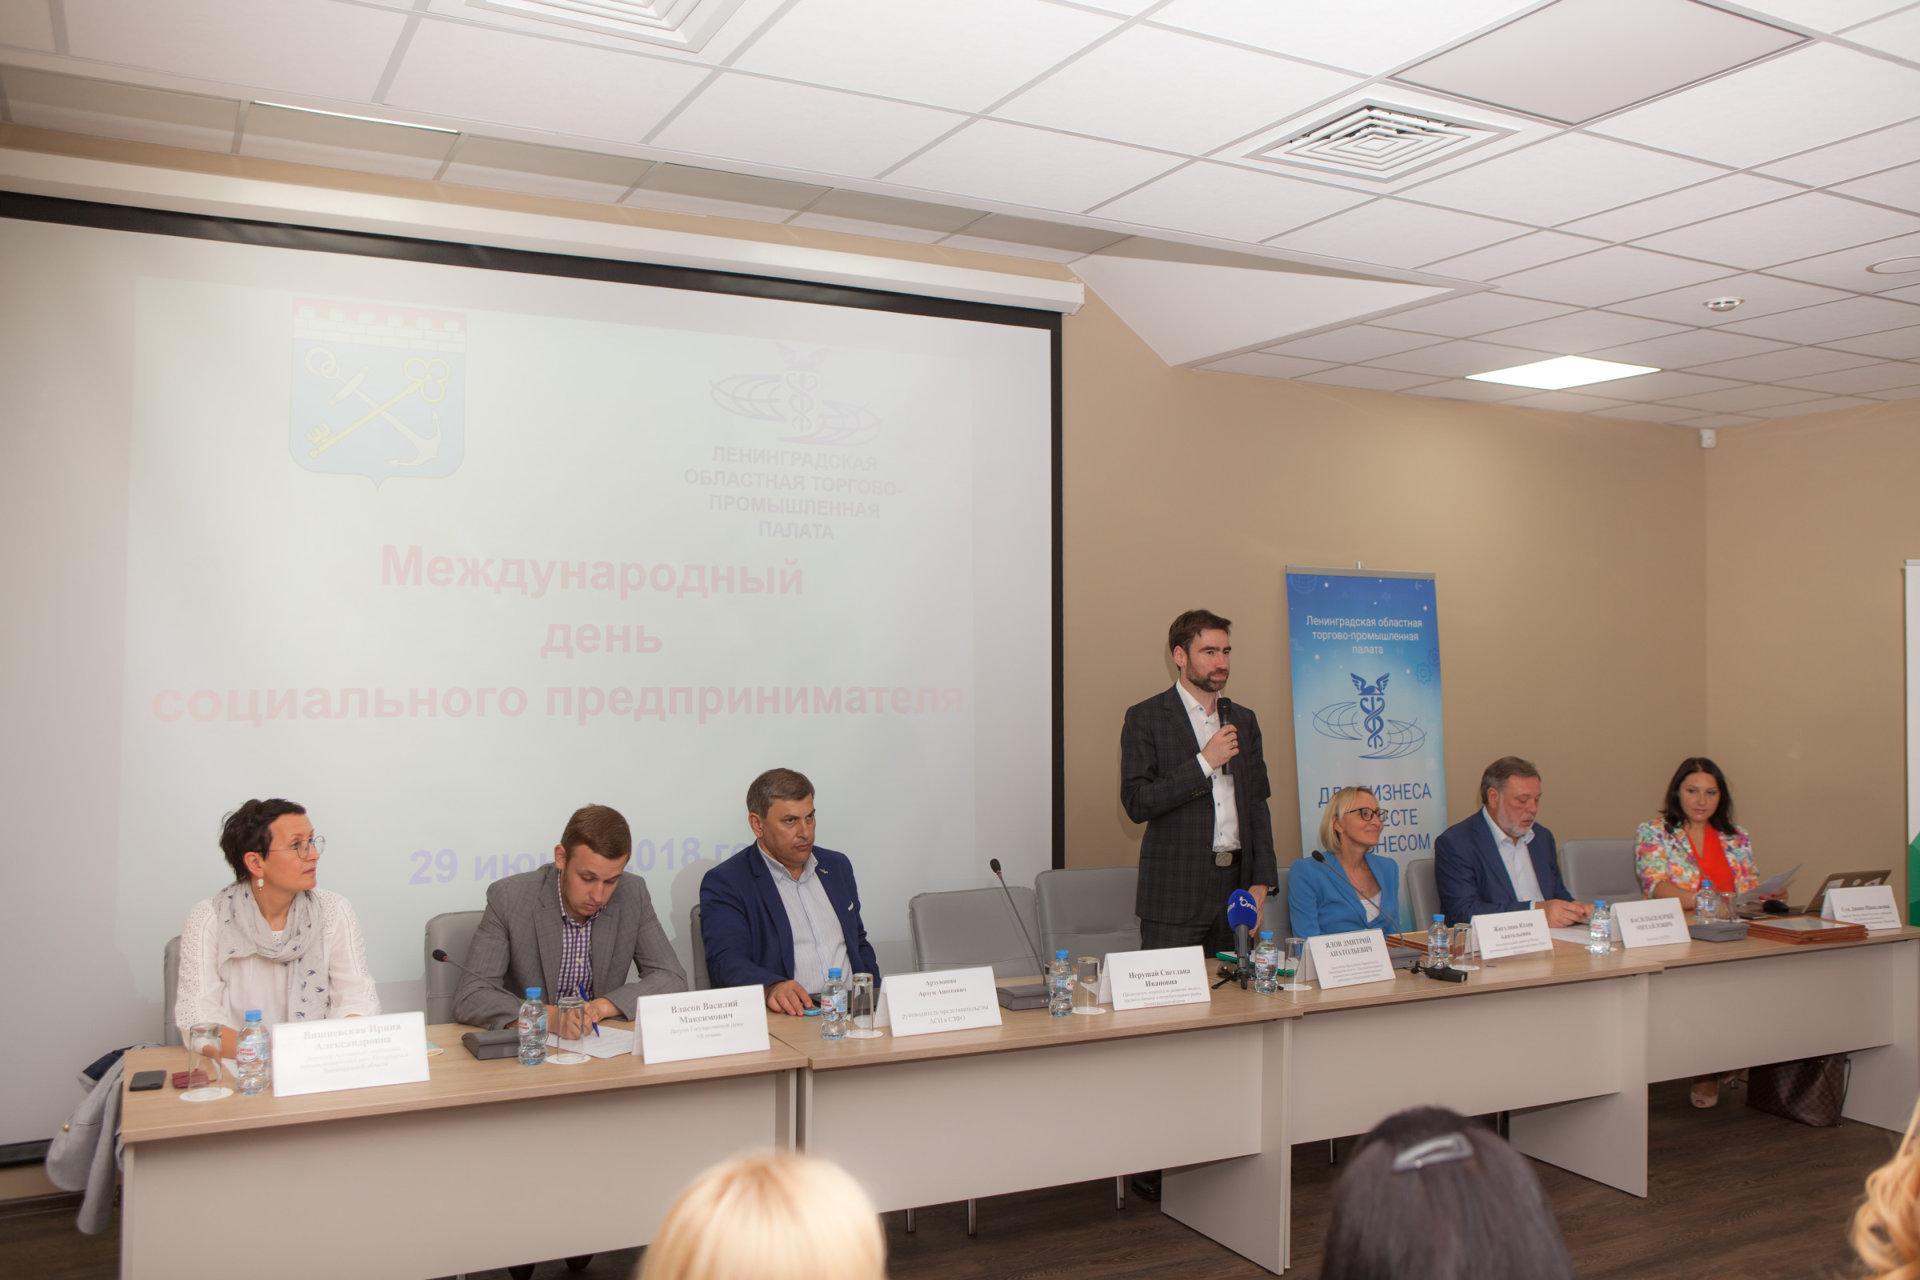 Социальное предпринимательство в Ленинградской области